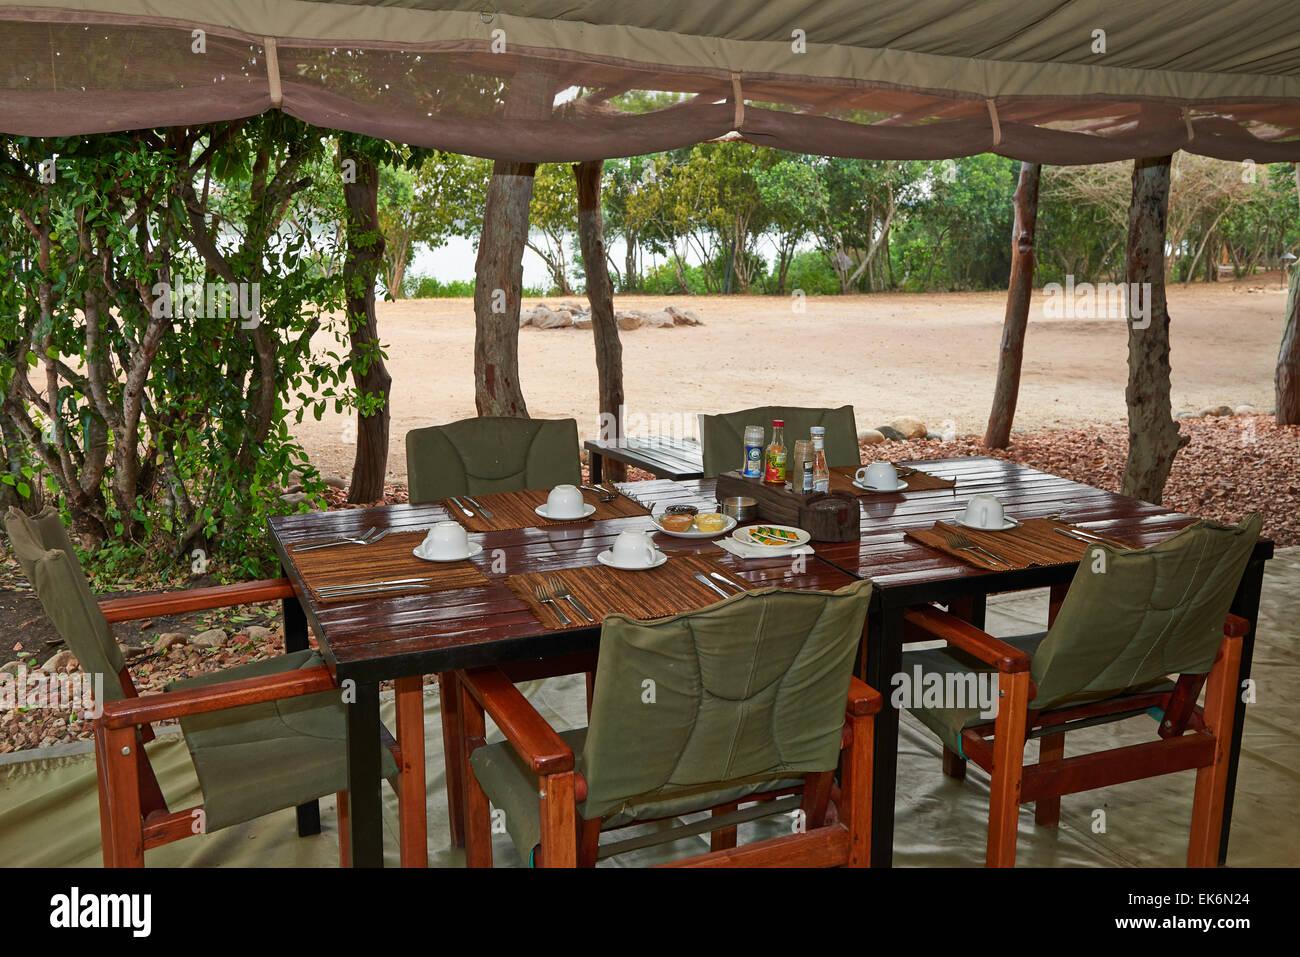 El Bush Lodge, Parque Nacional Reina Elizabeth, Uganda, África Imagen De Stock